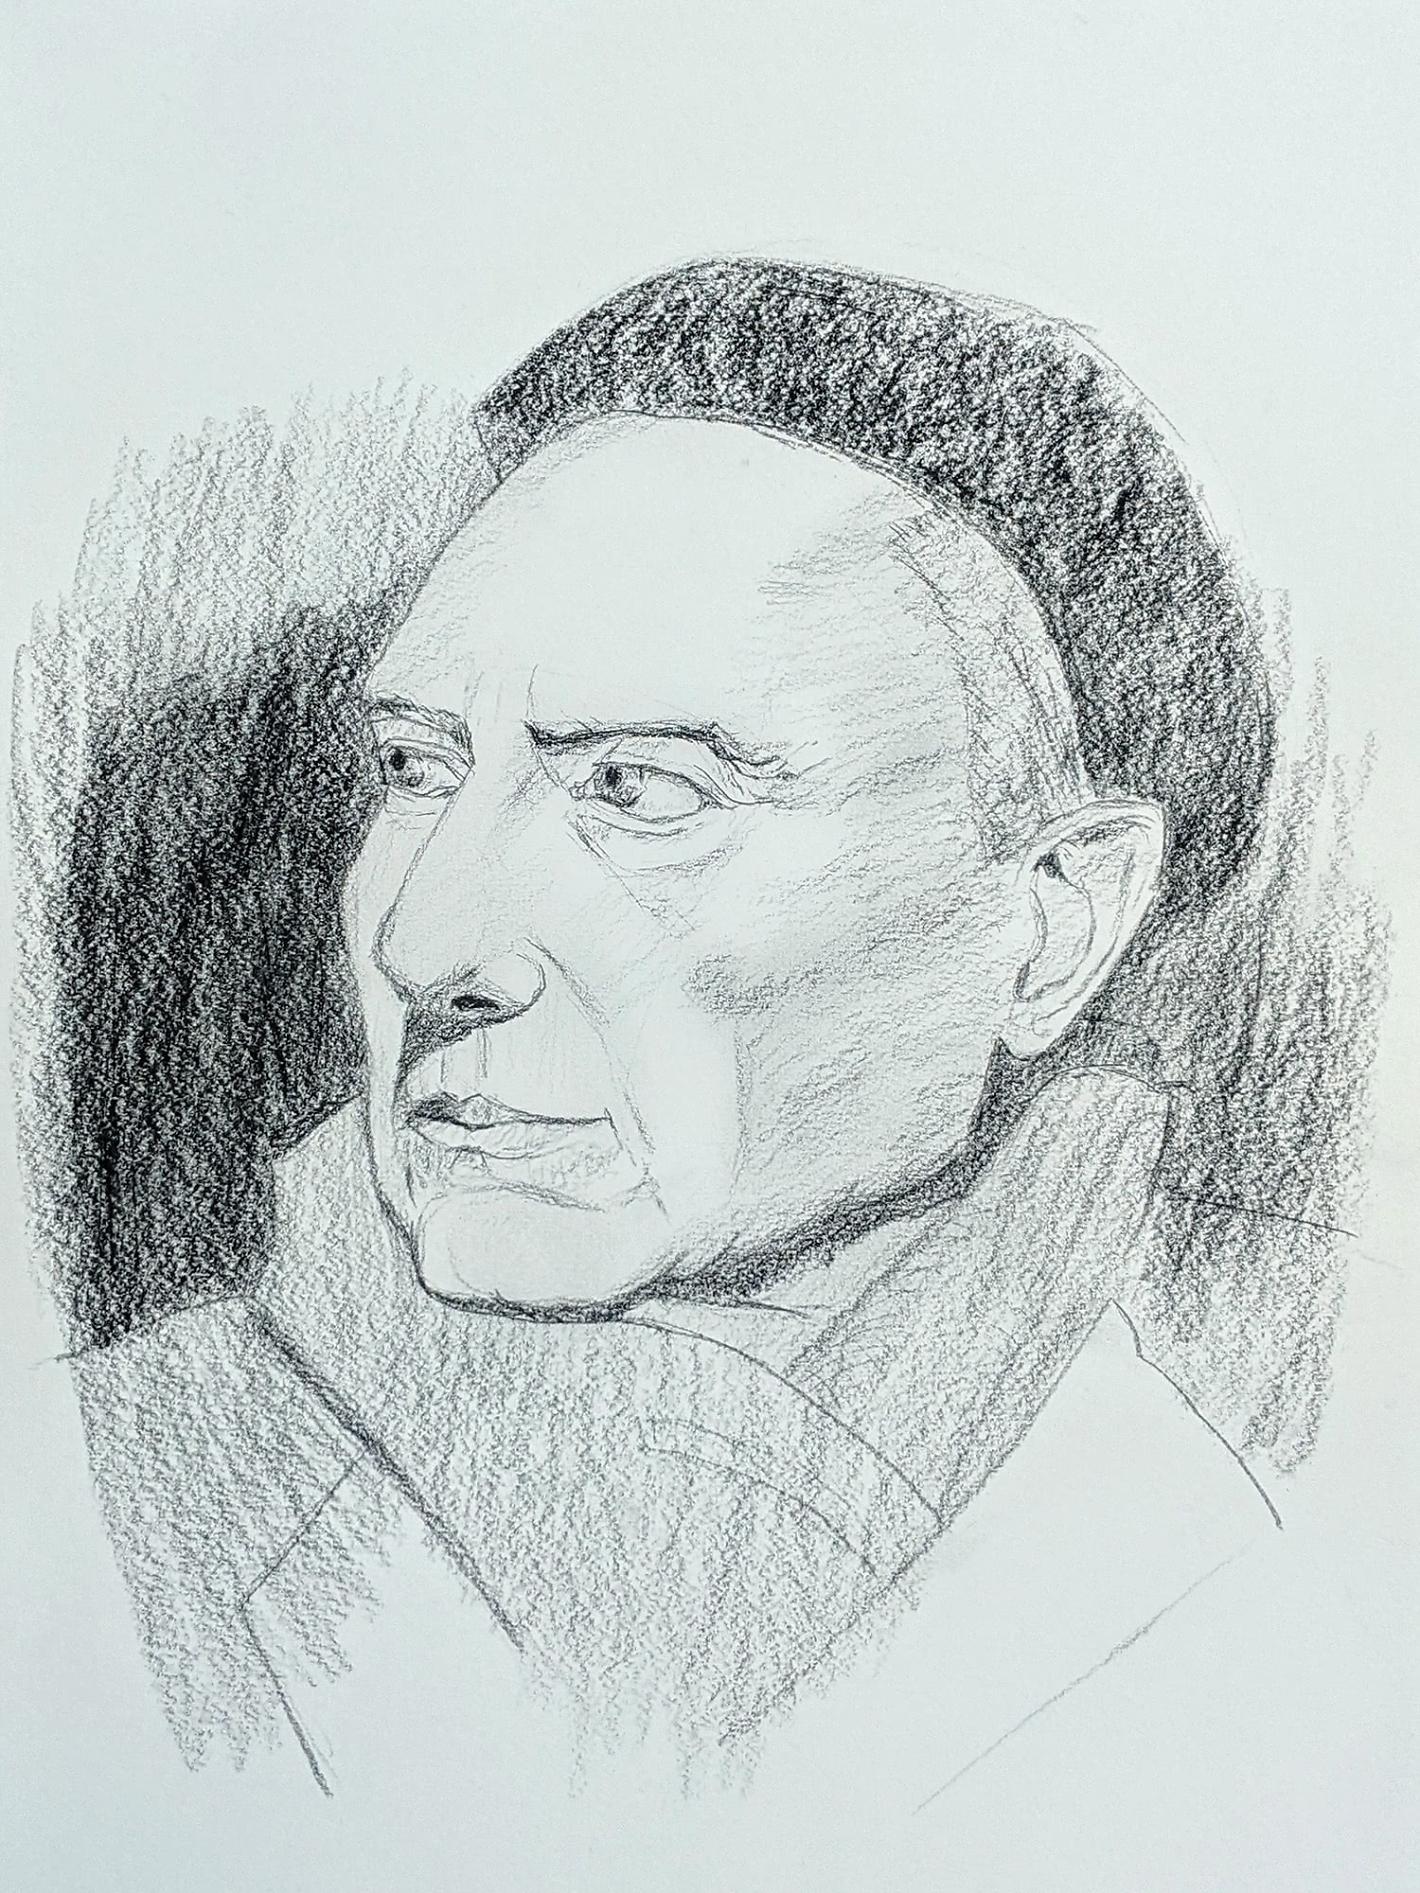 Porträtzeichnungen – Zeichenkurs Porträt Zeichnen